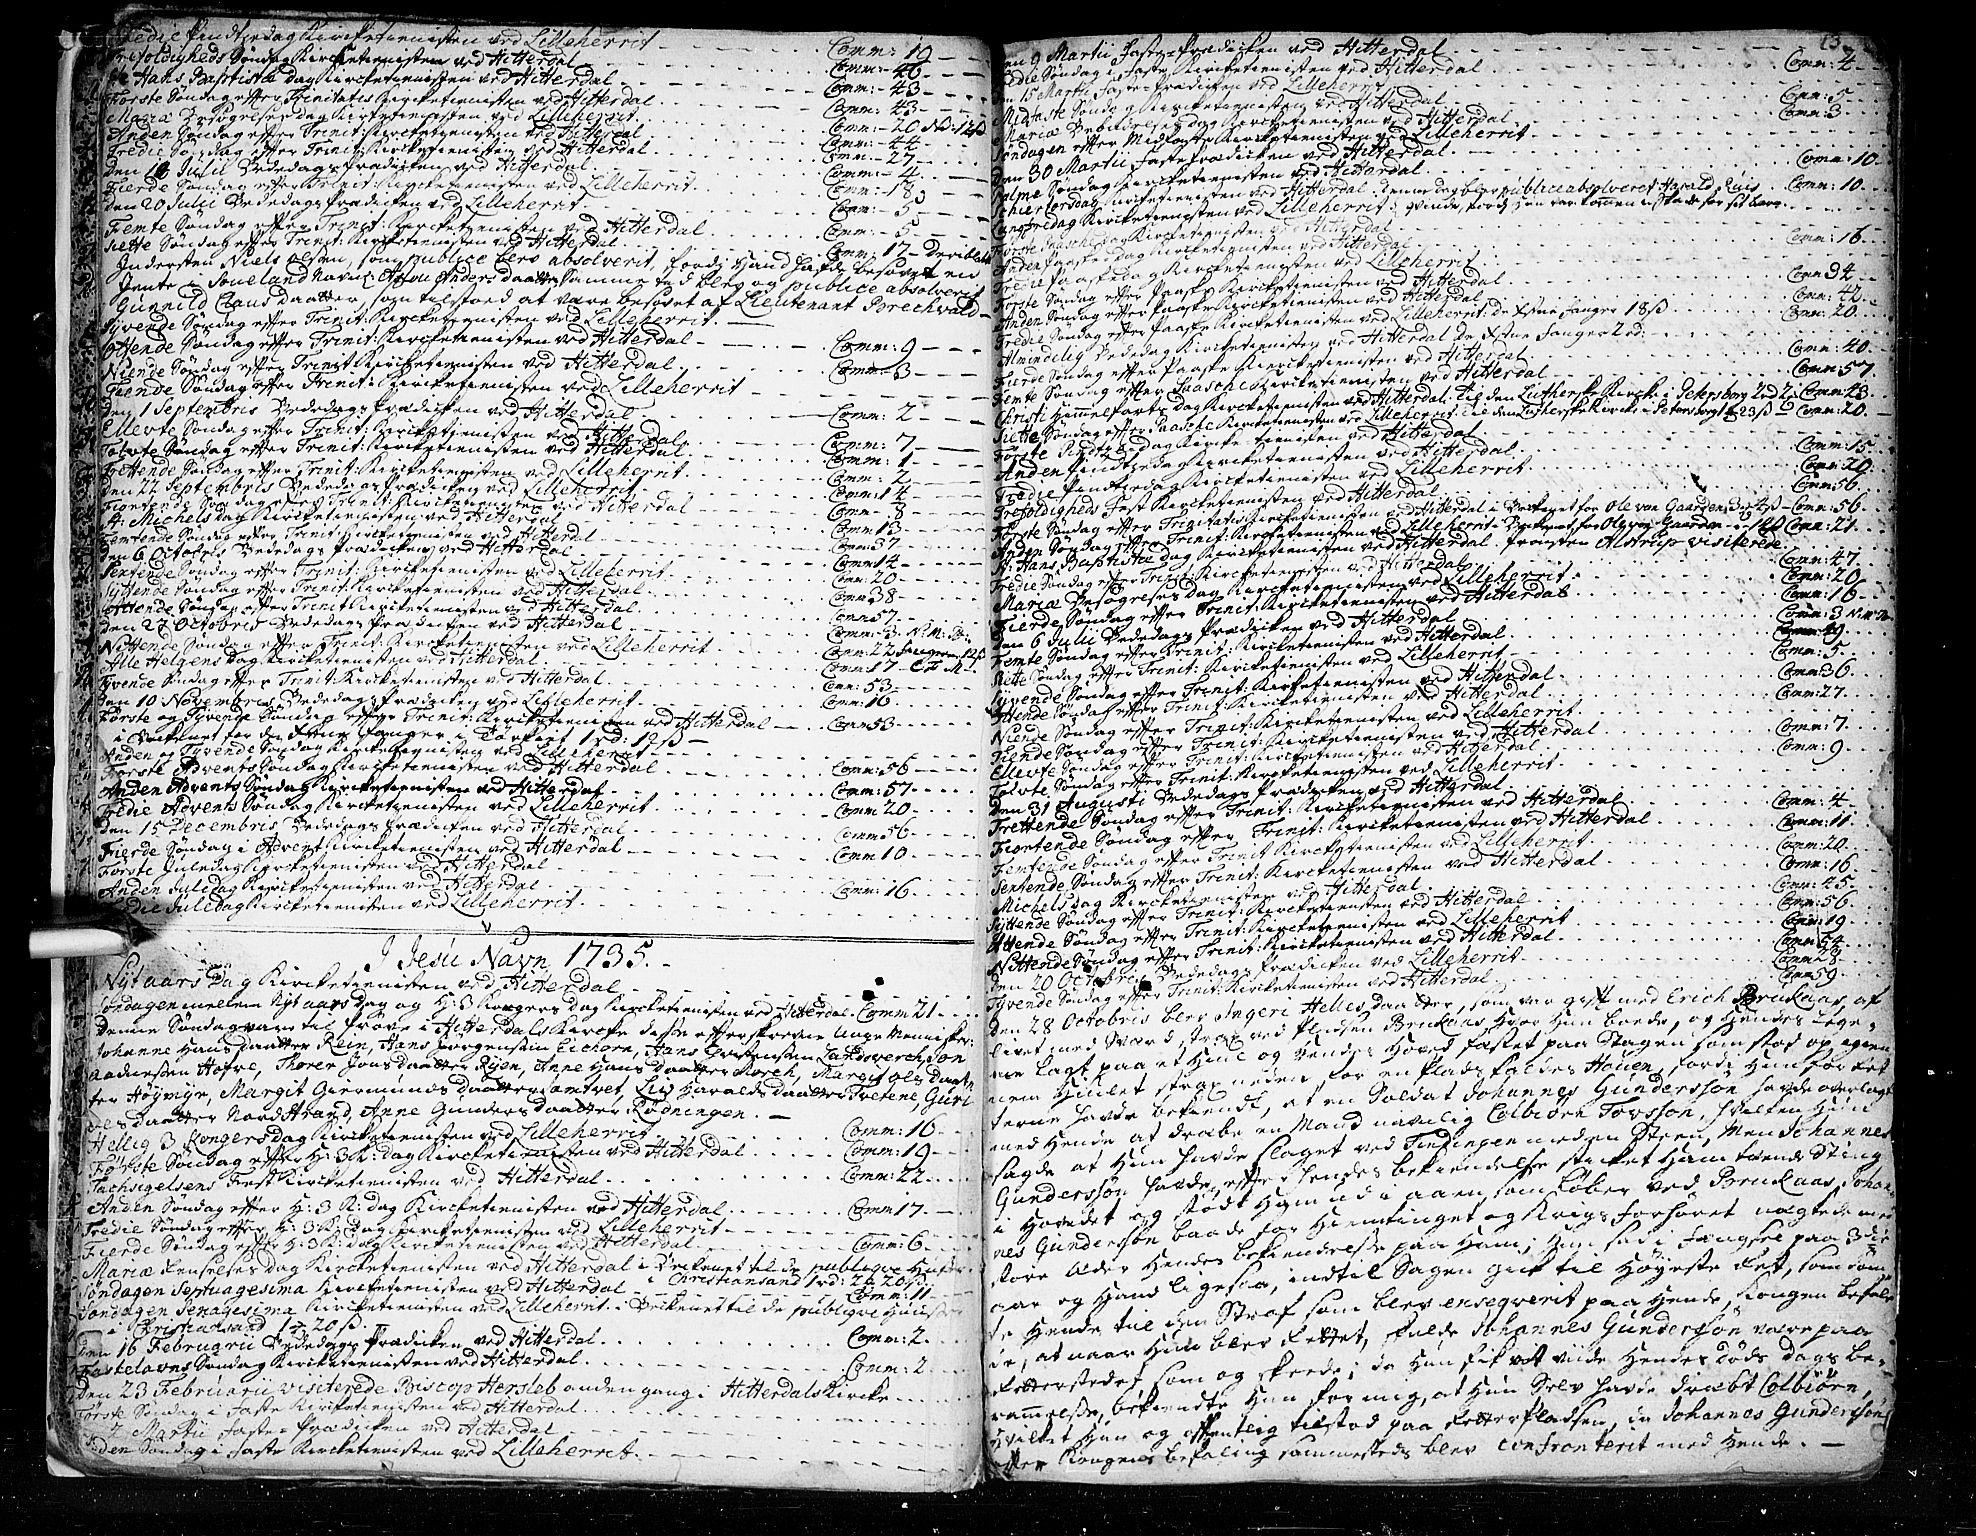 SAKO, Heddal kirkebøker, F/Fa/L0003: Ministerialbok nr. I 3, 1723-1783, s. 13